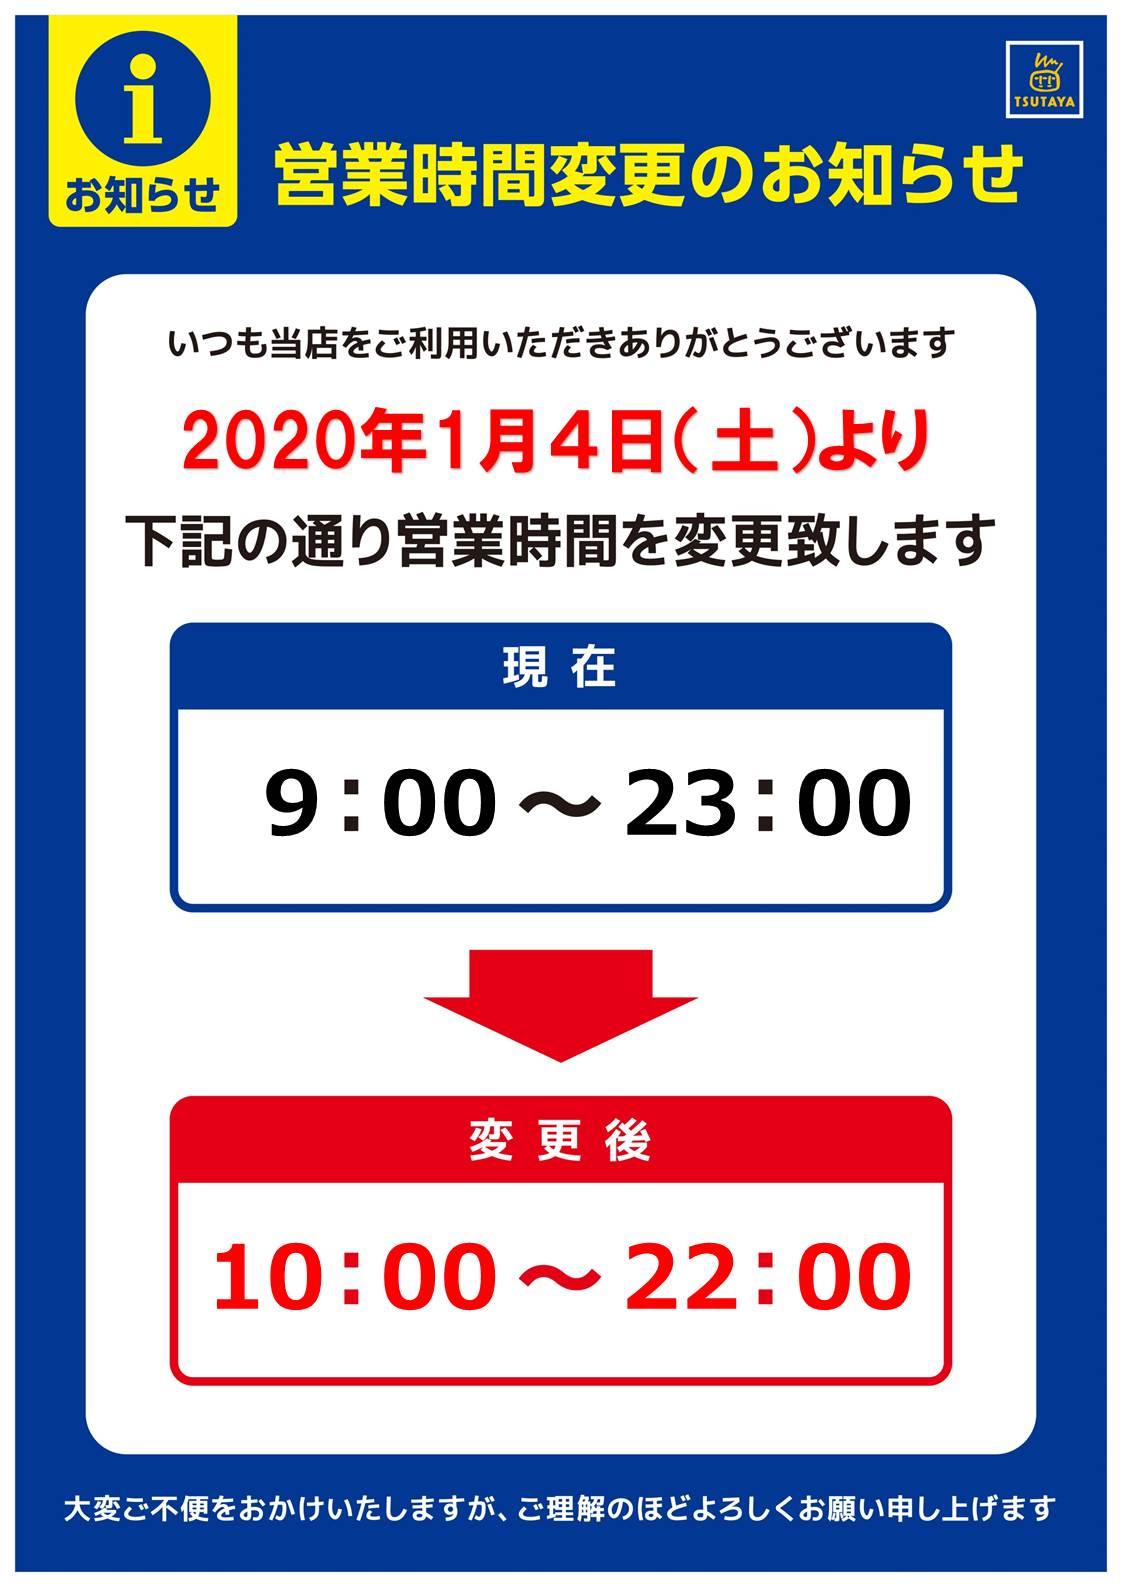 2F TSUTAYA営業時間変更のお知らせ